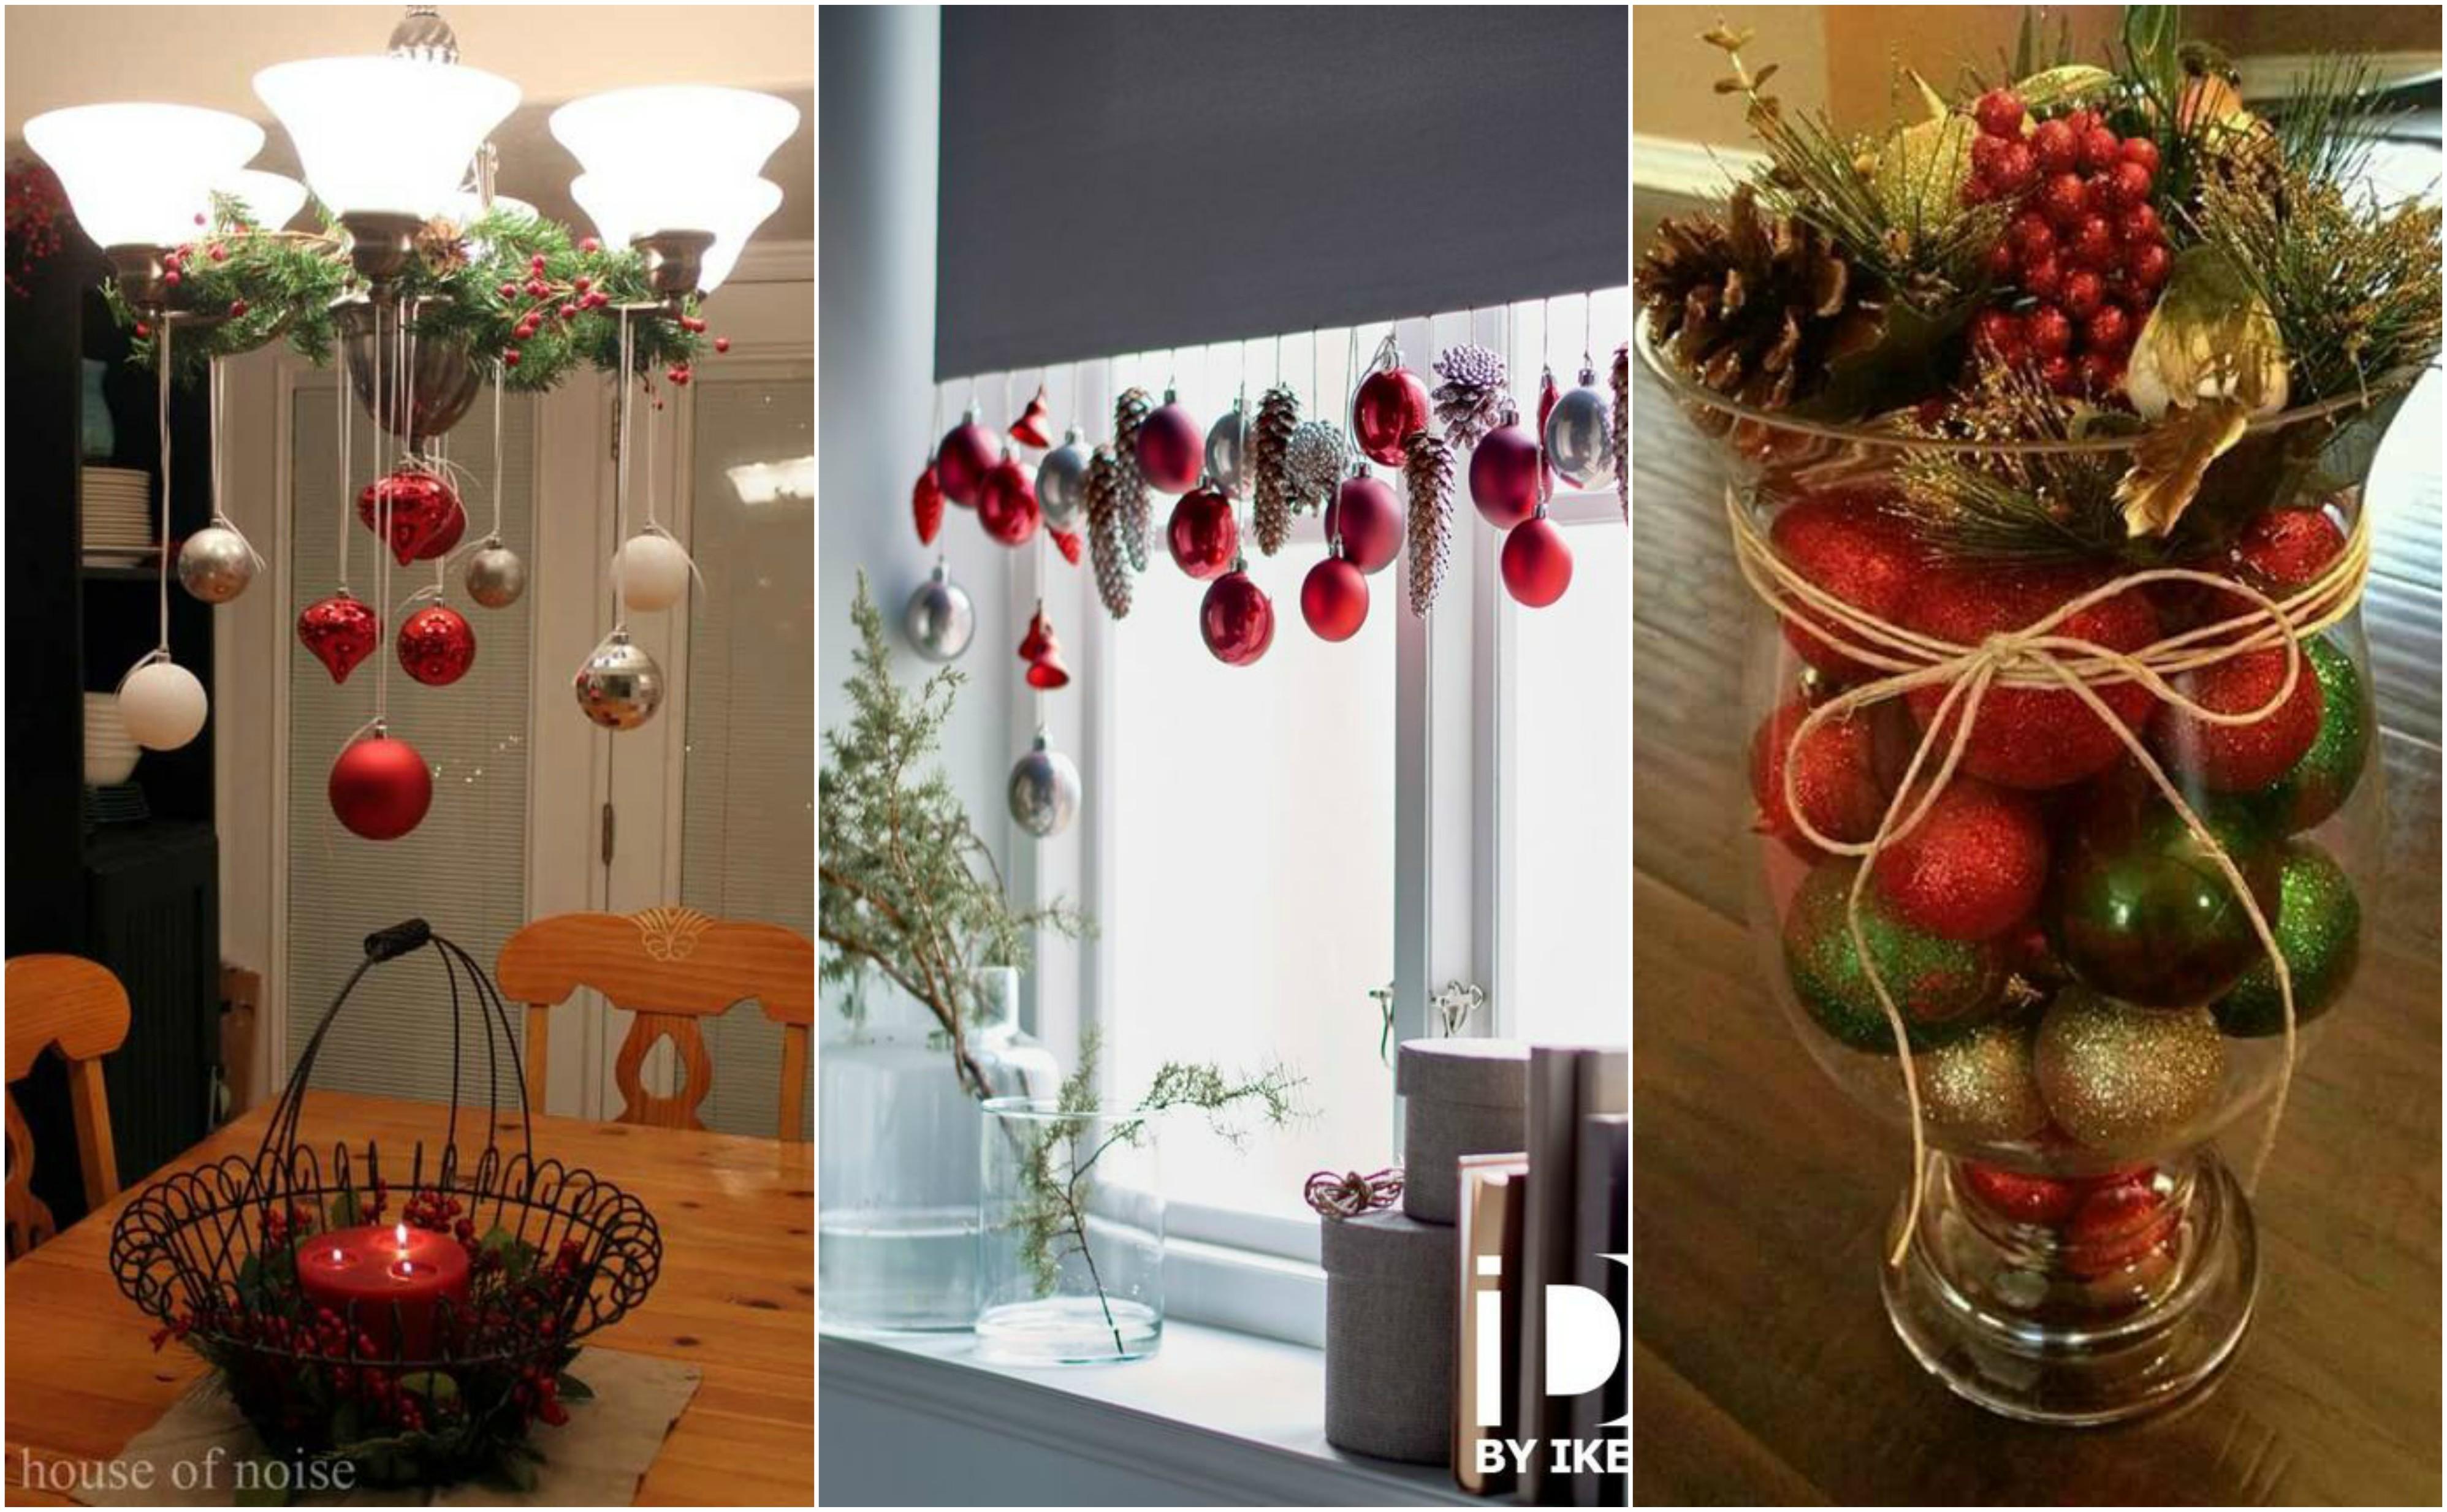 befunky-collage-98 Wunderschöne Weihnachtsdekoration Aussen Selber Machen Dekorationen